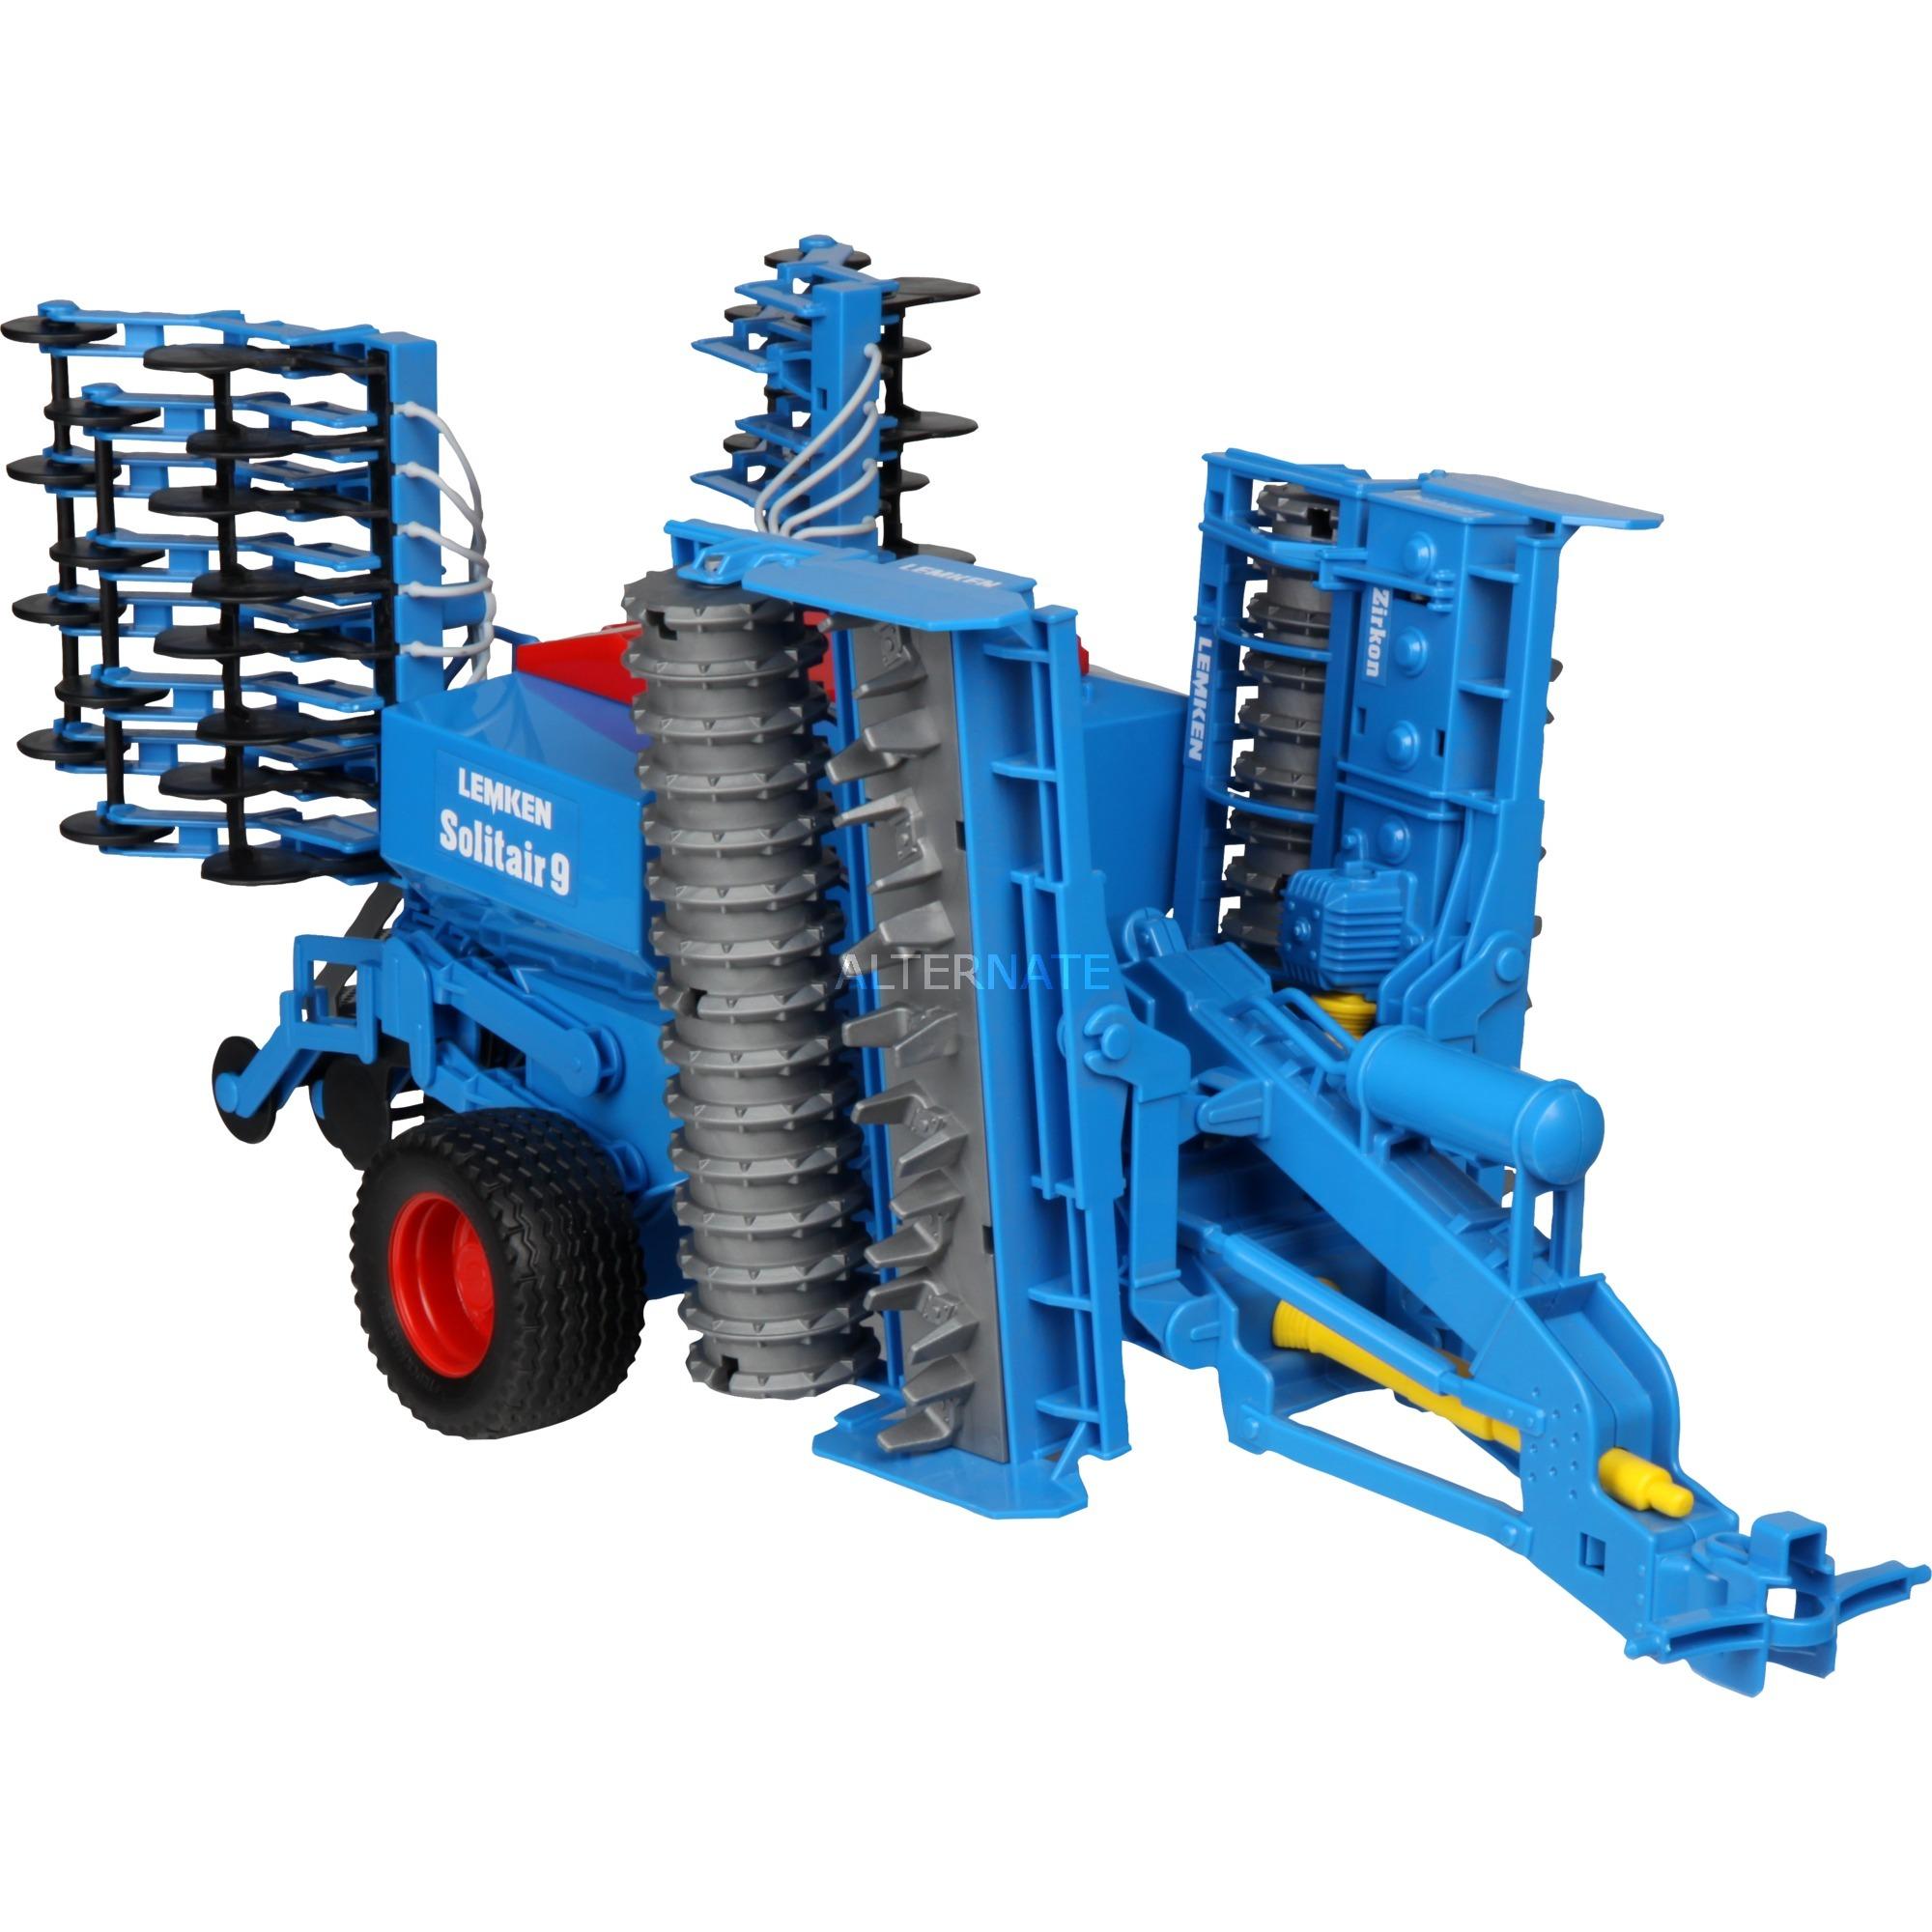 02026 De plástico vehículo de juguete, Automóvil de construcción